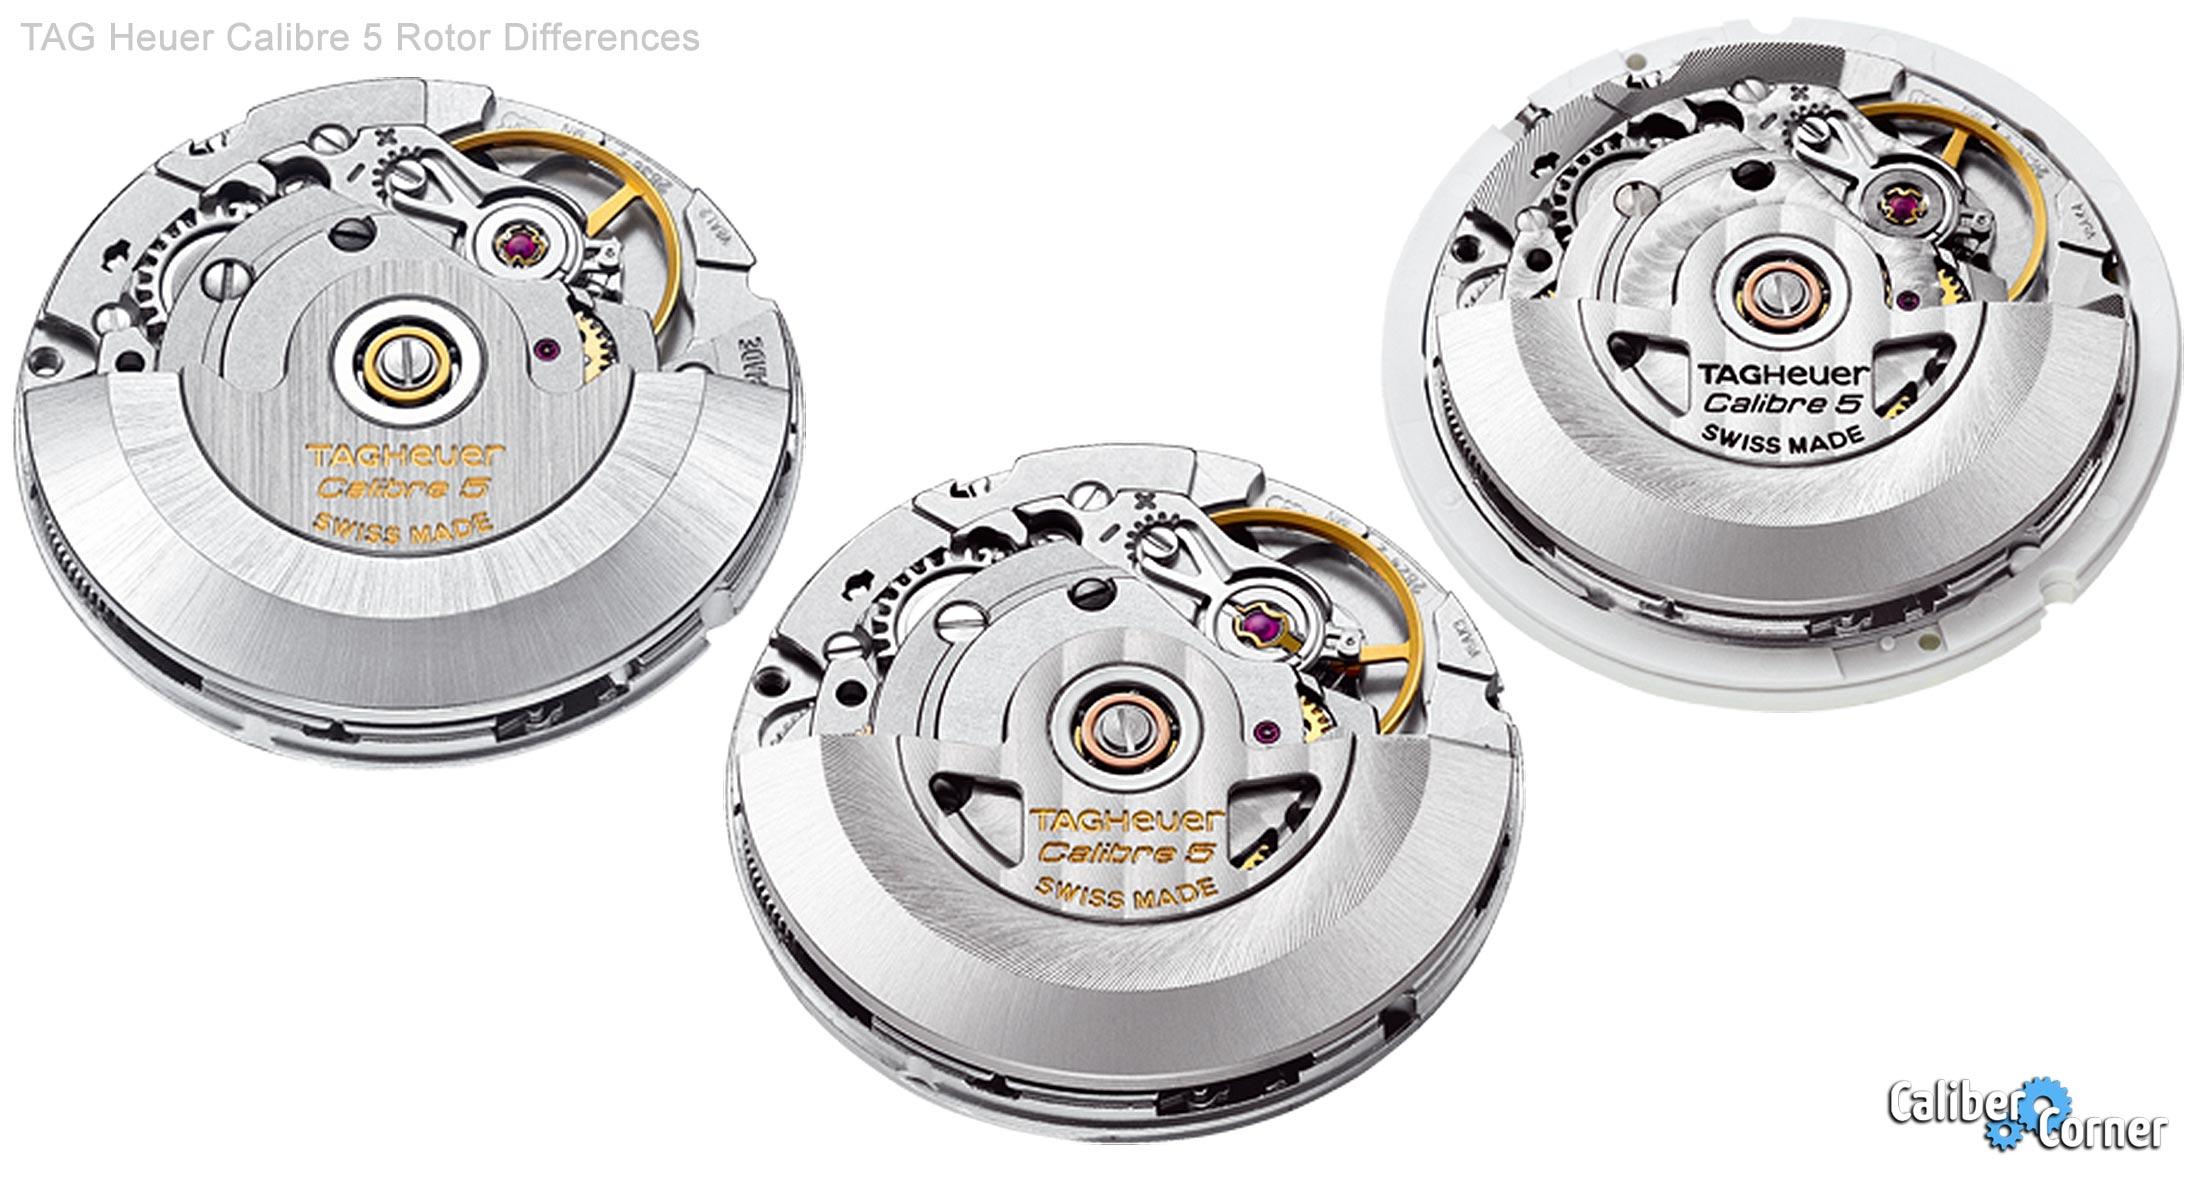 Tag Heuer Calibre 5 Rotors